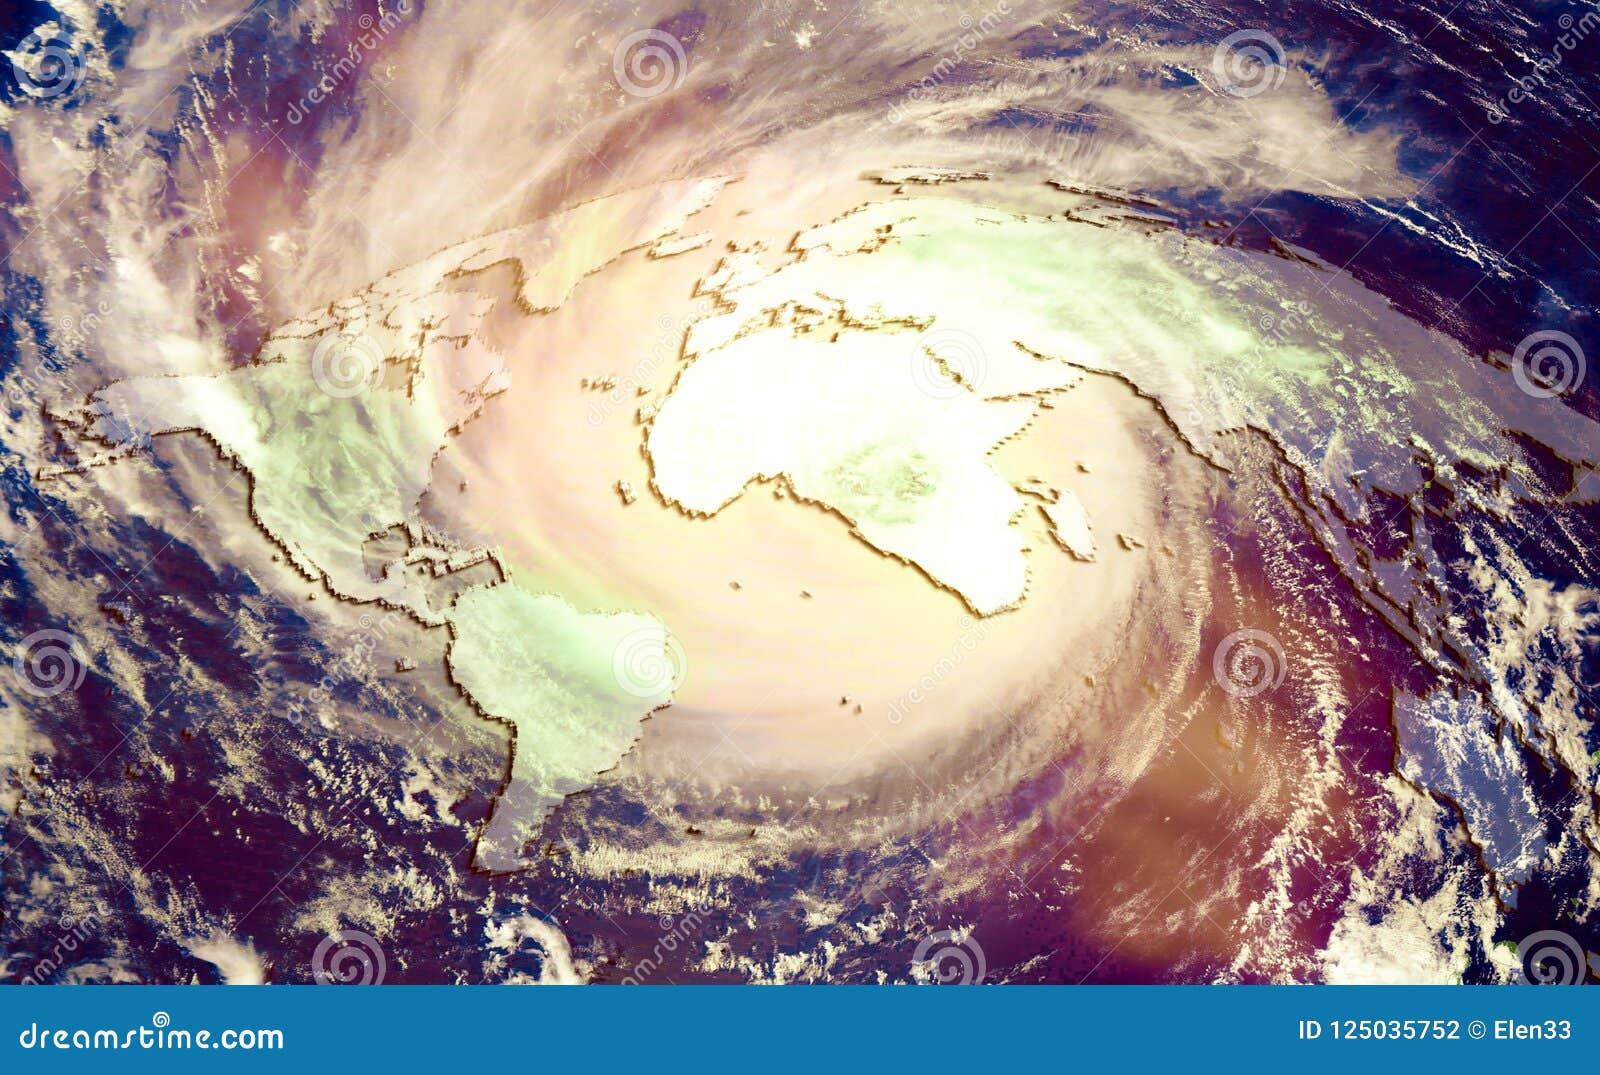 Η έννοια της καταστροφικής κλιματικής αλλαγής